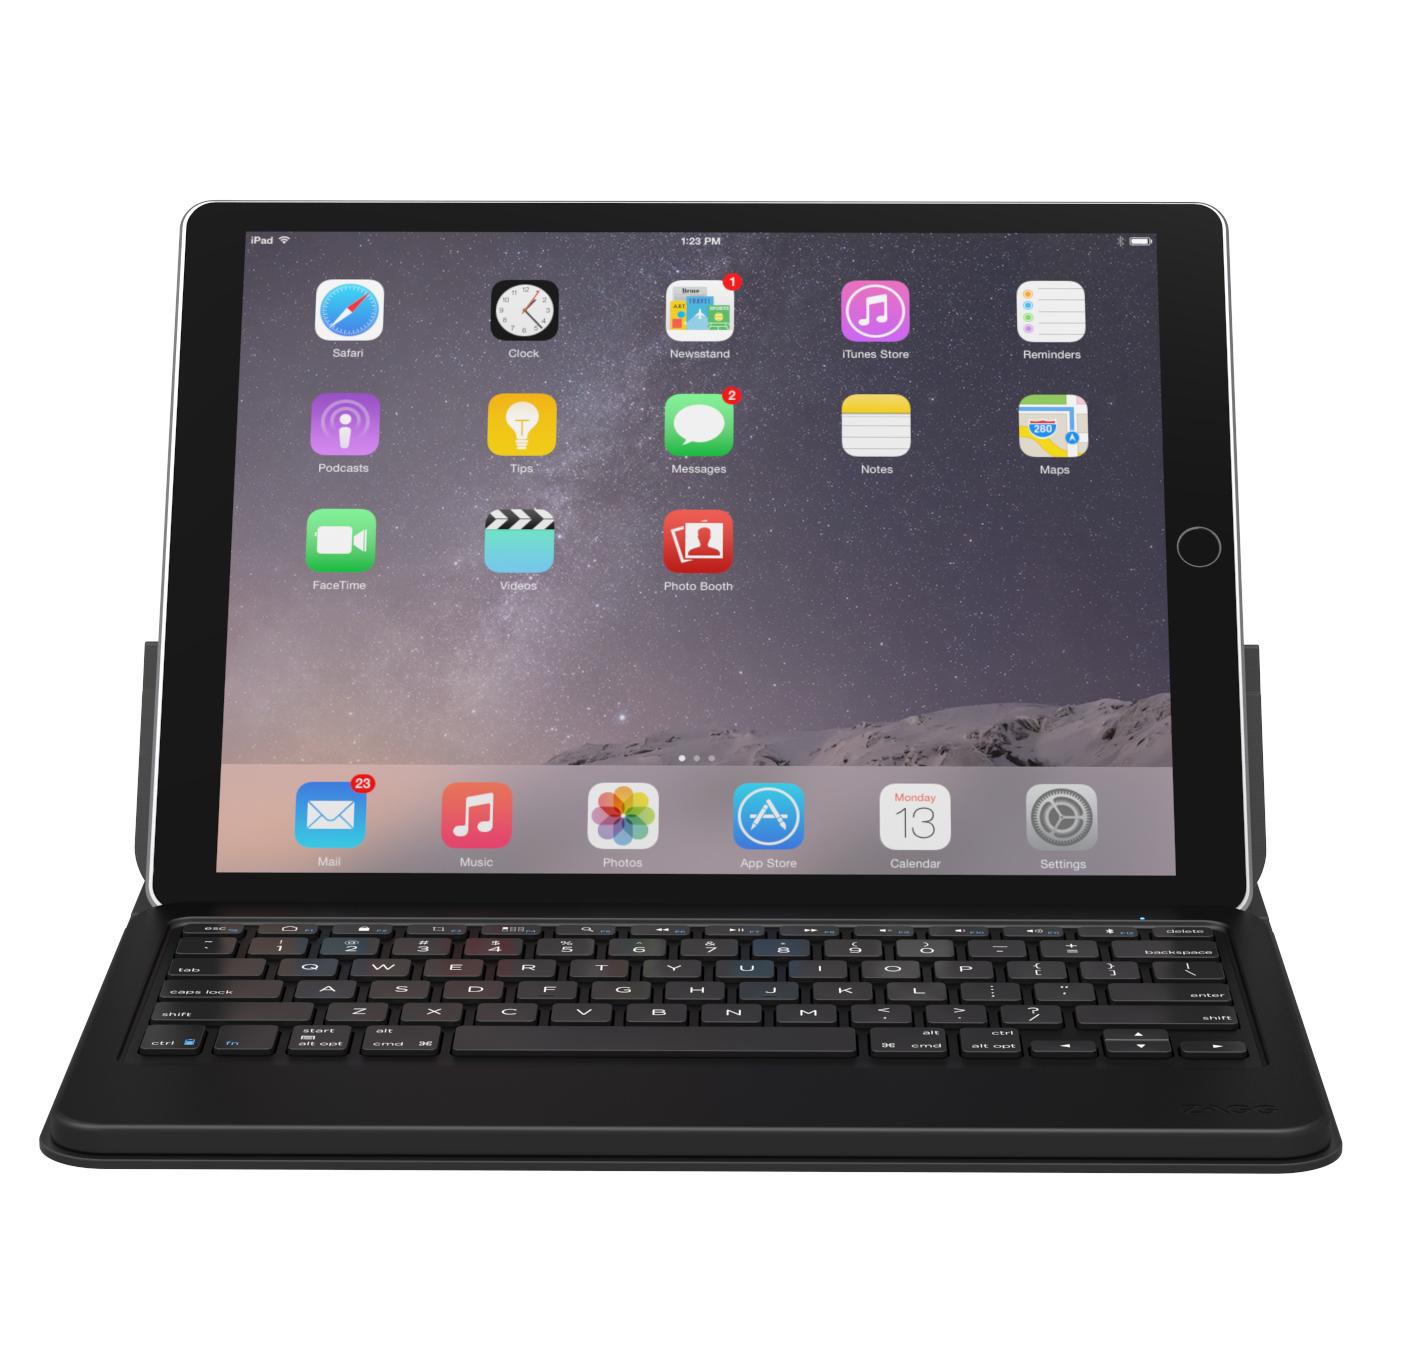 Zagg Messenger Universal Mobile Device Keyboard Qwerty Uk